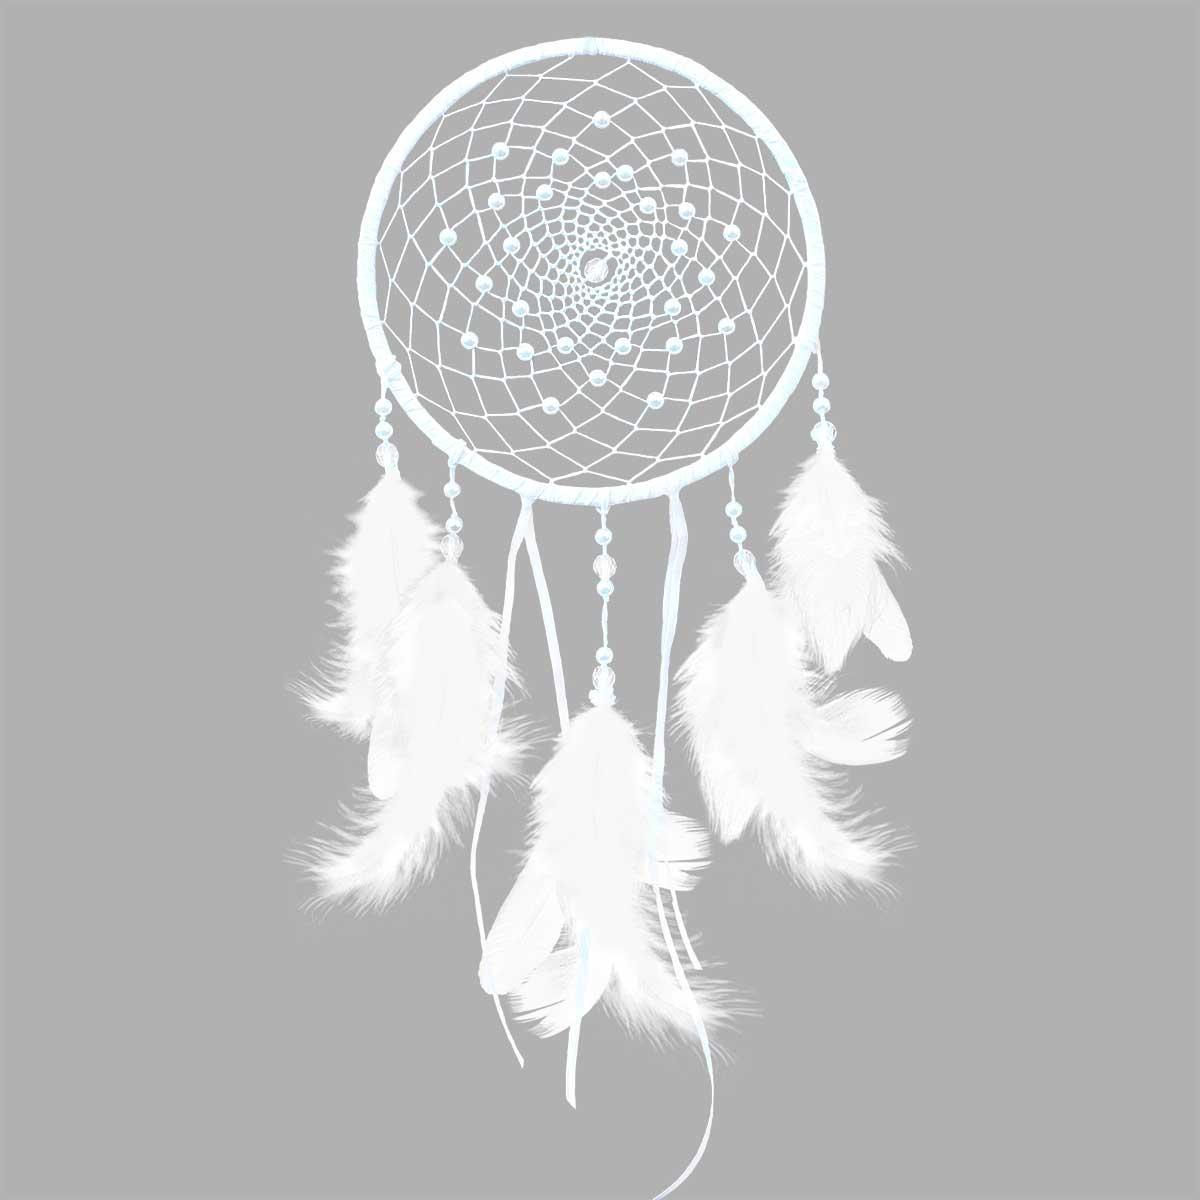 ЛС-04 Набор для творчества Созвездие 'Жемчужина'(ловец снов)15х33 см